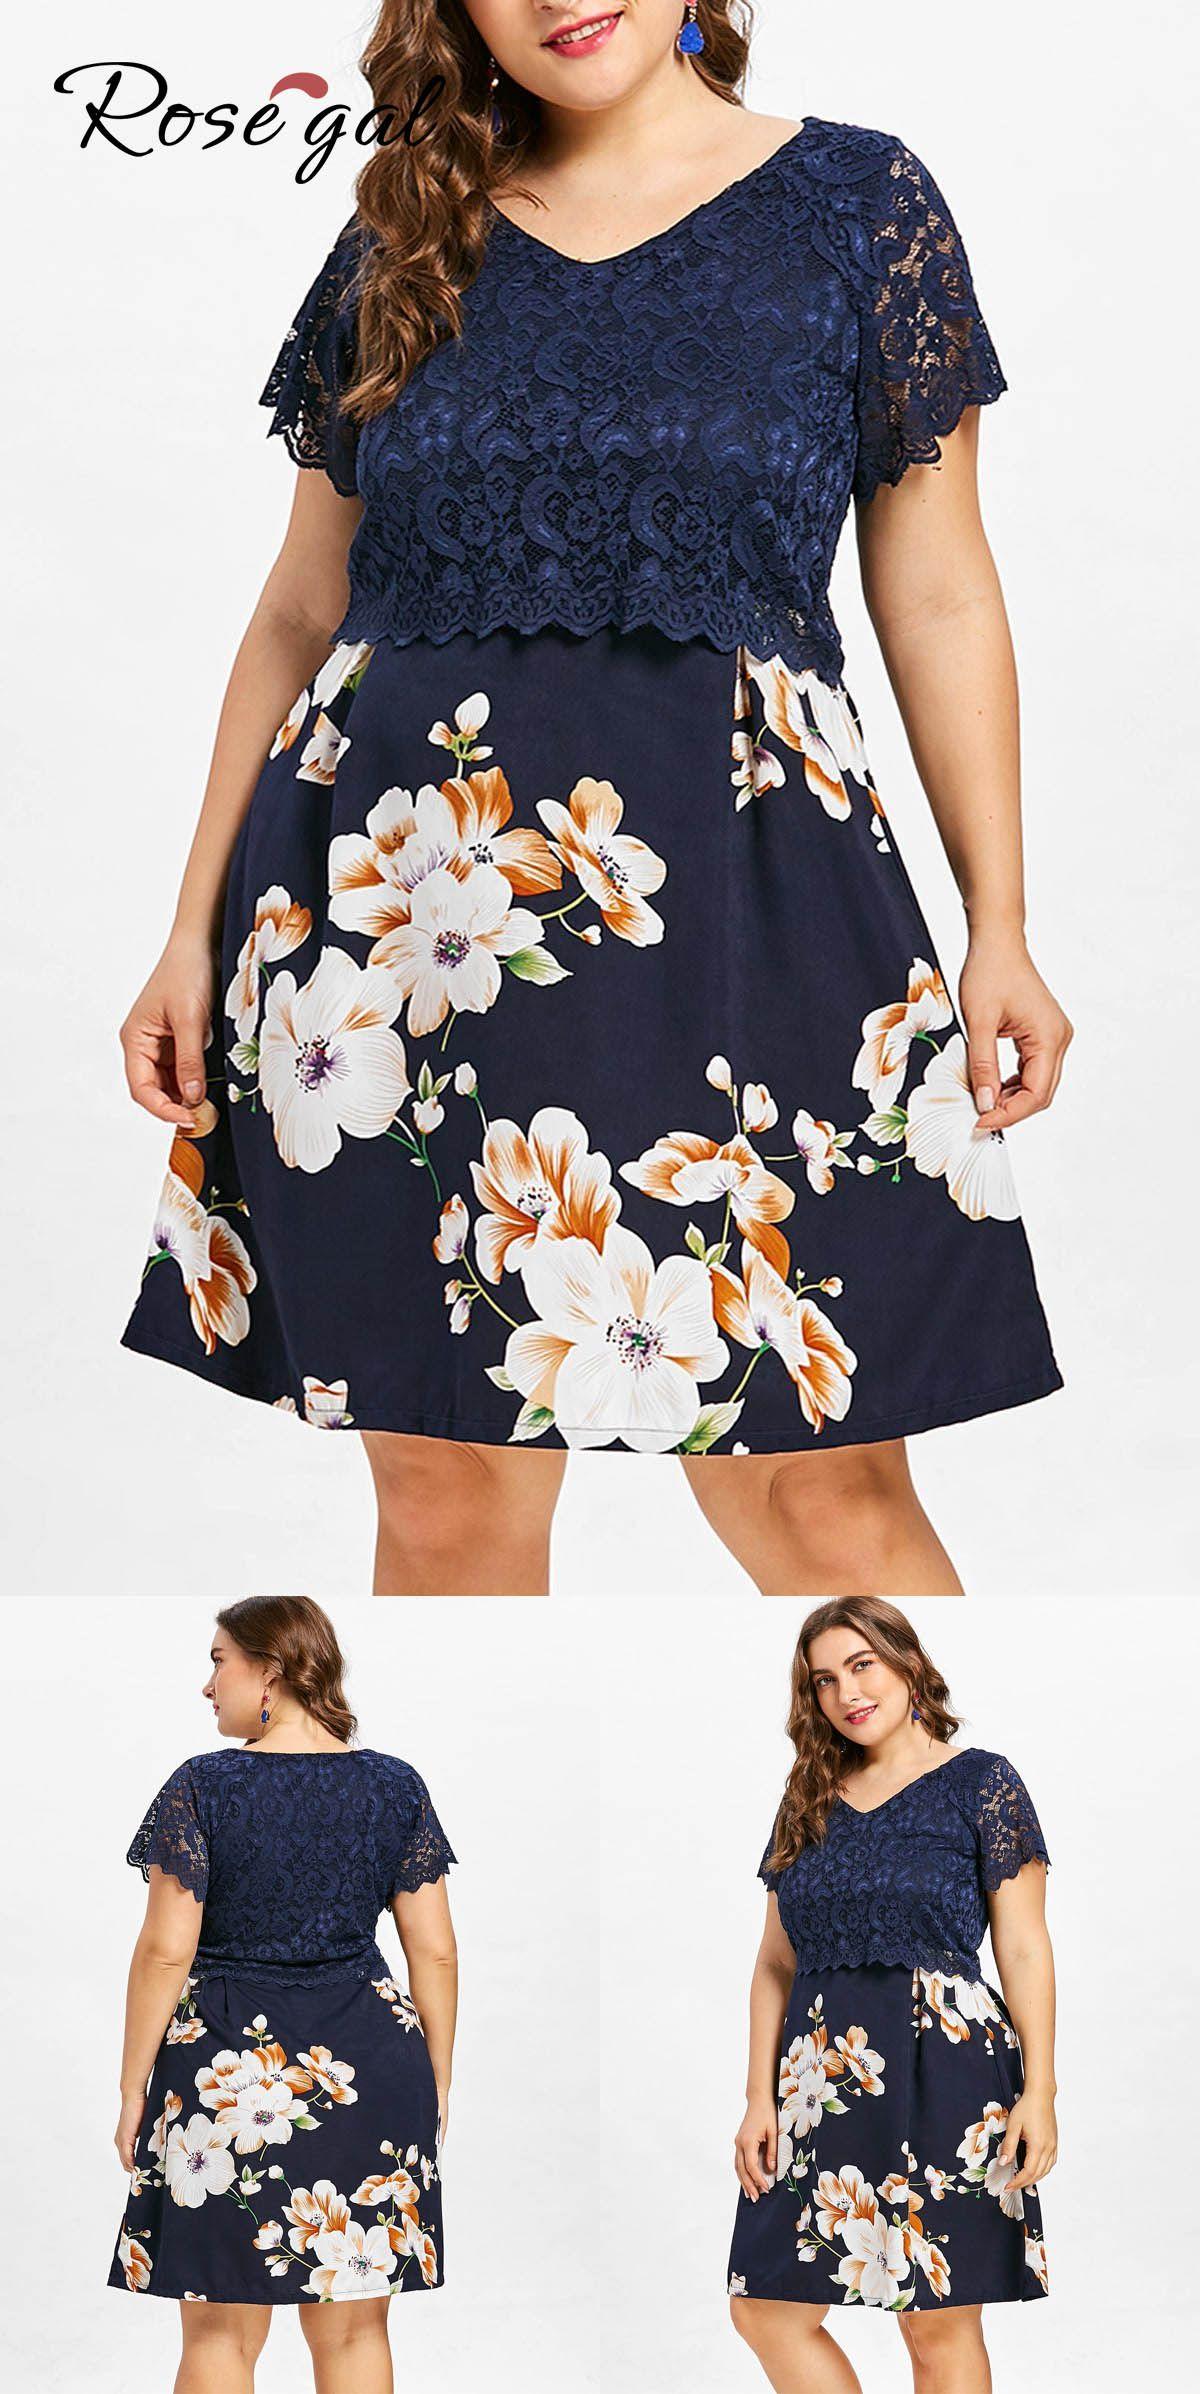 Plus Size Lace Overlay Floral Dress Plus size lace dress